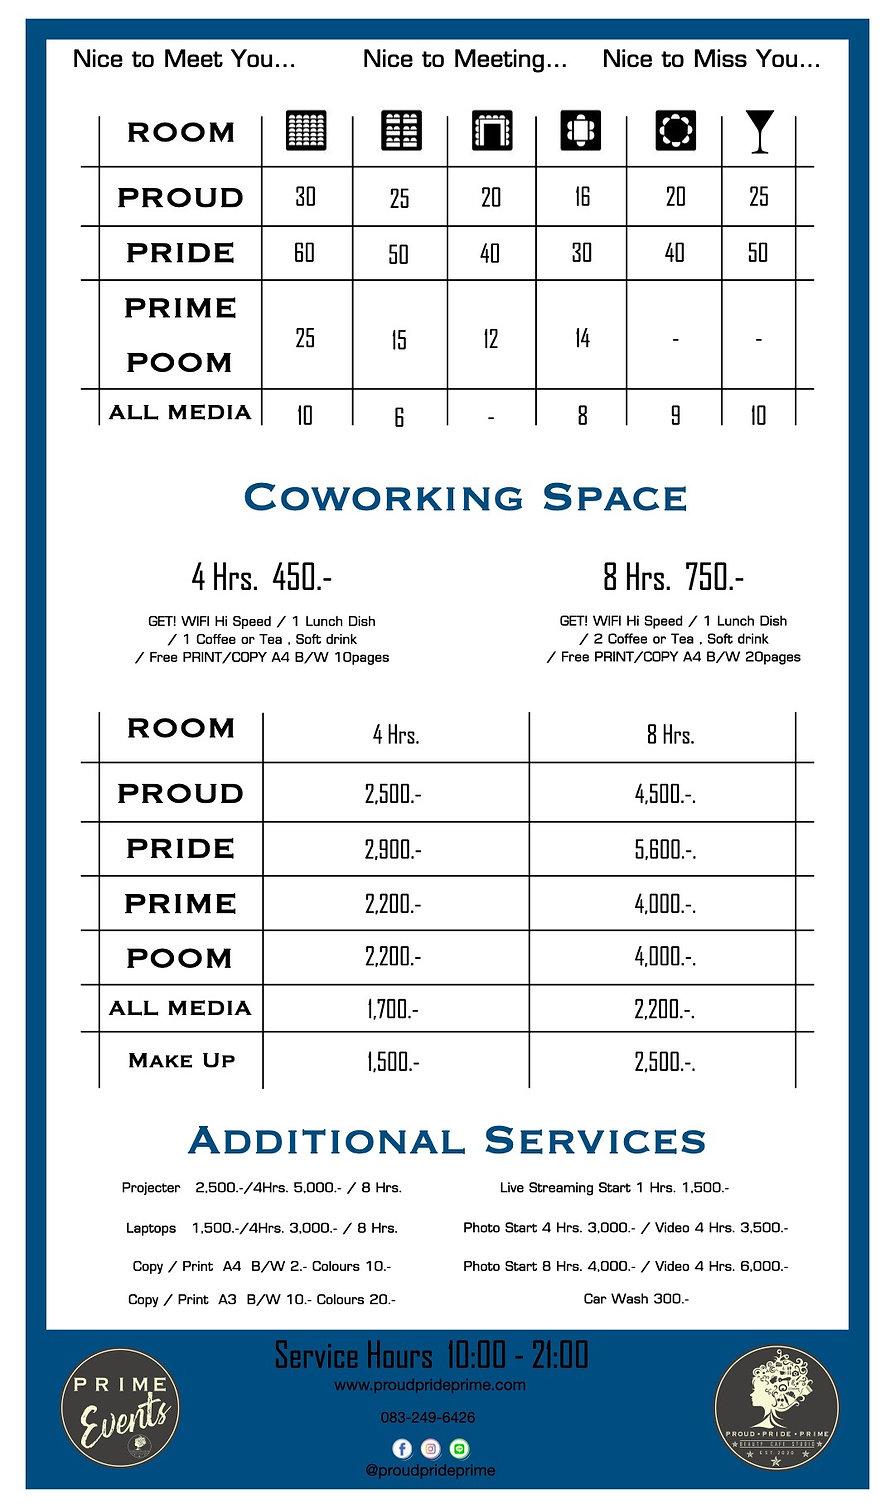 ราคาค่าเช่าและบริการ_๒๐๑๑๑๓_7.jpg